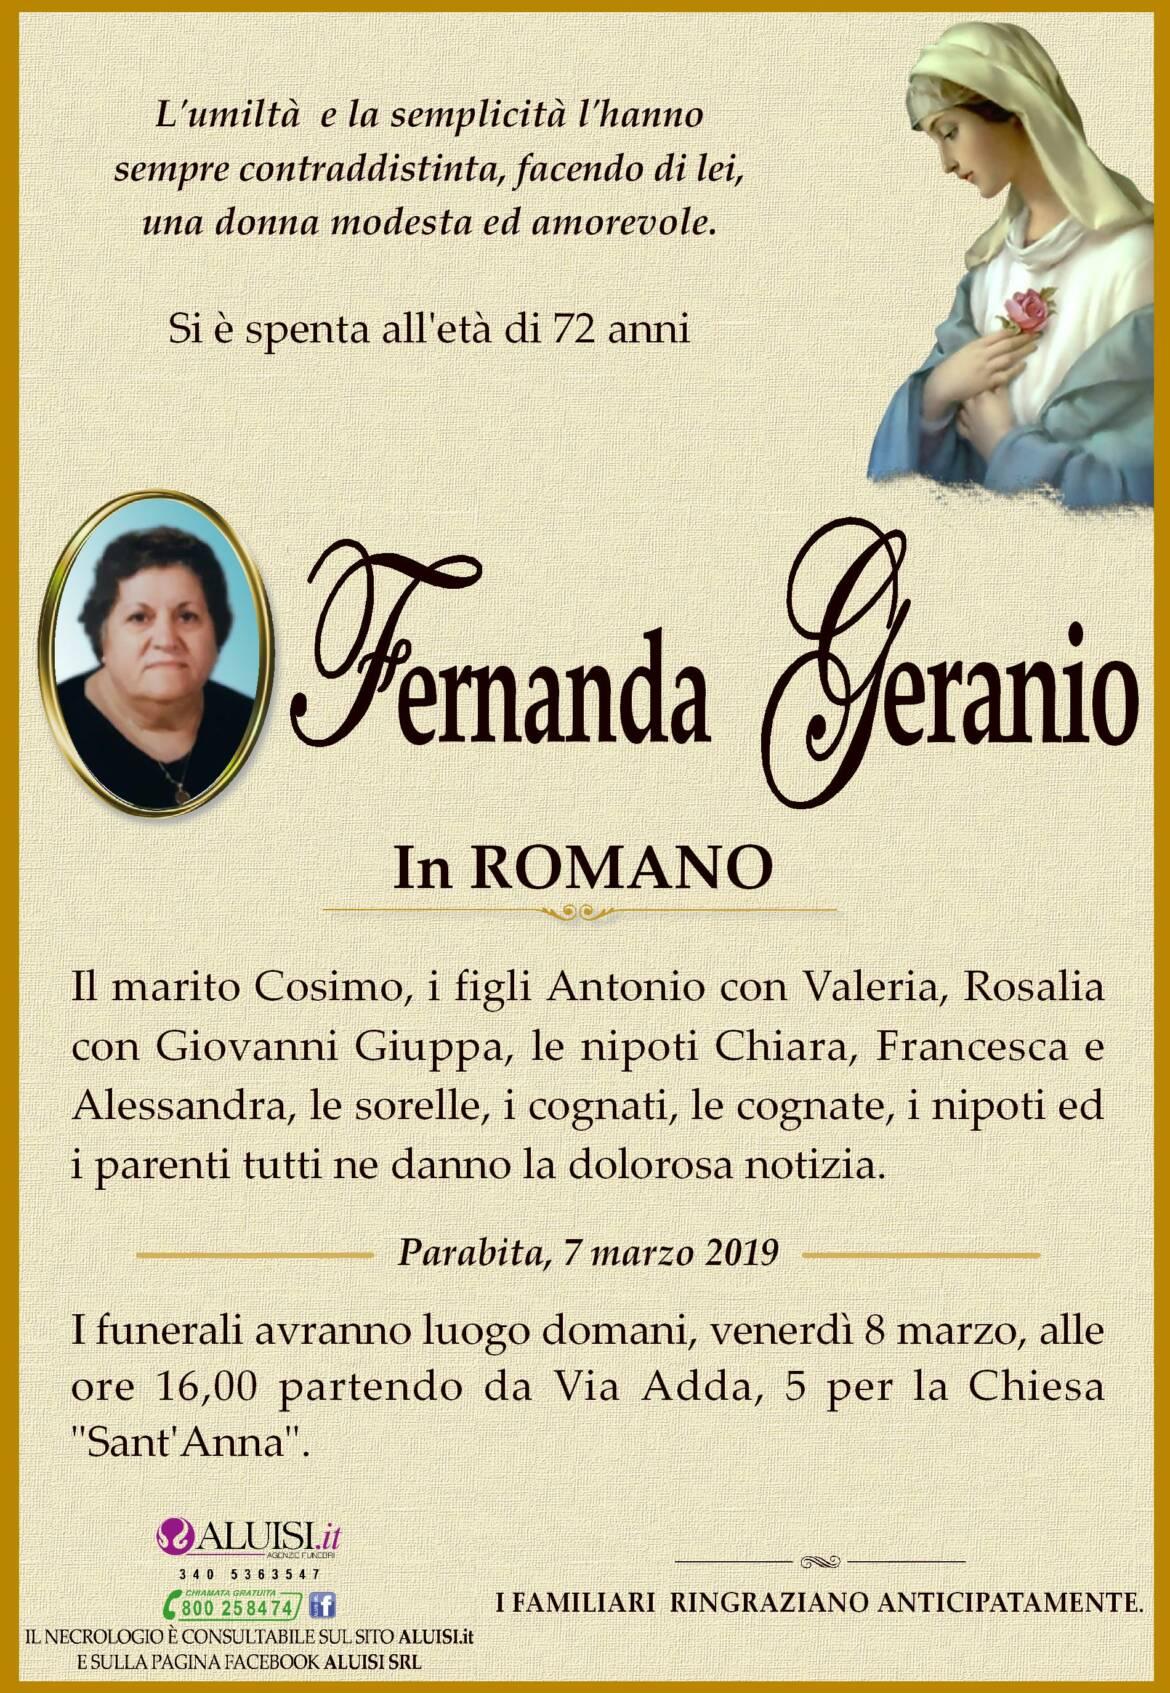 annuncio-fernanda-geranio-fb.jpg